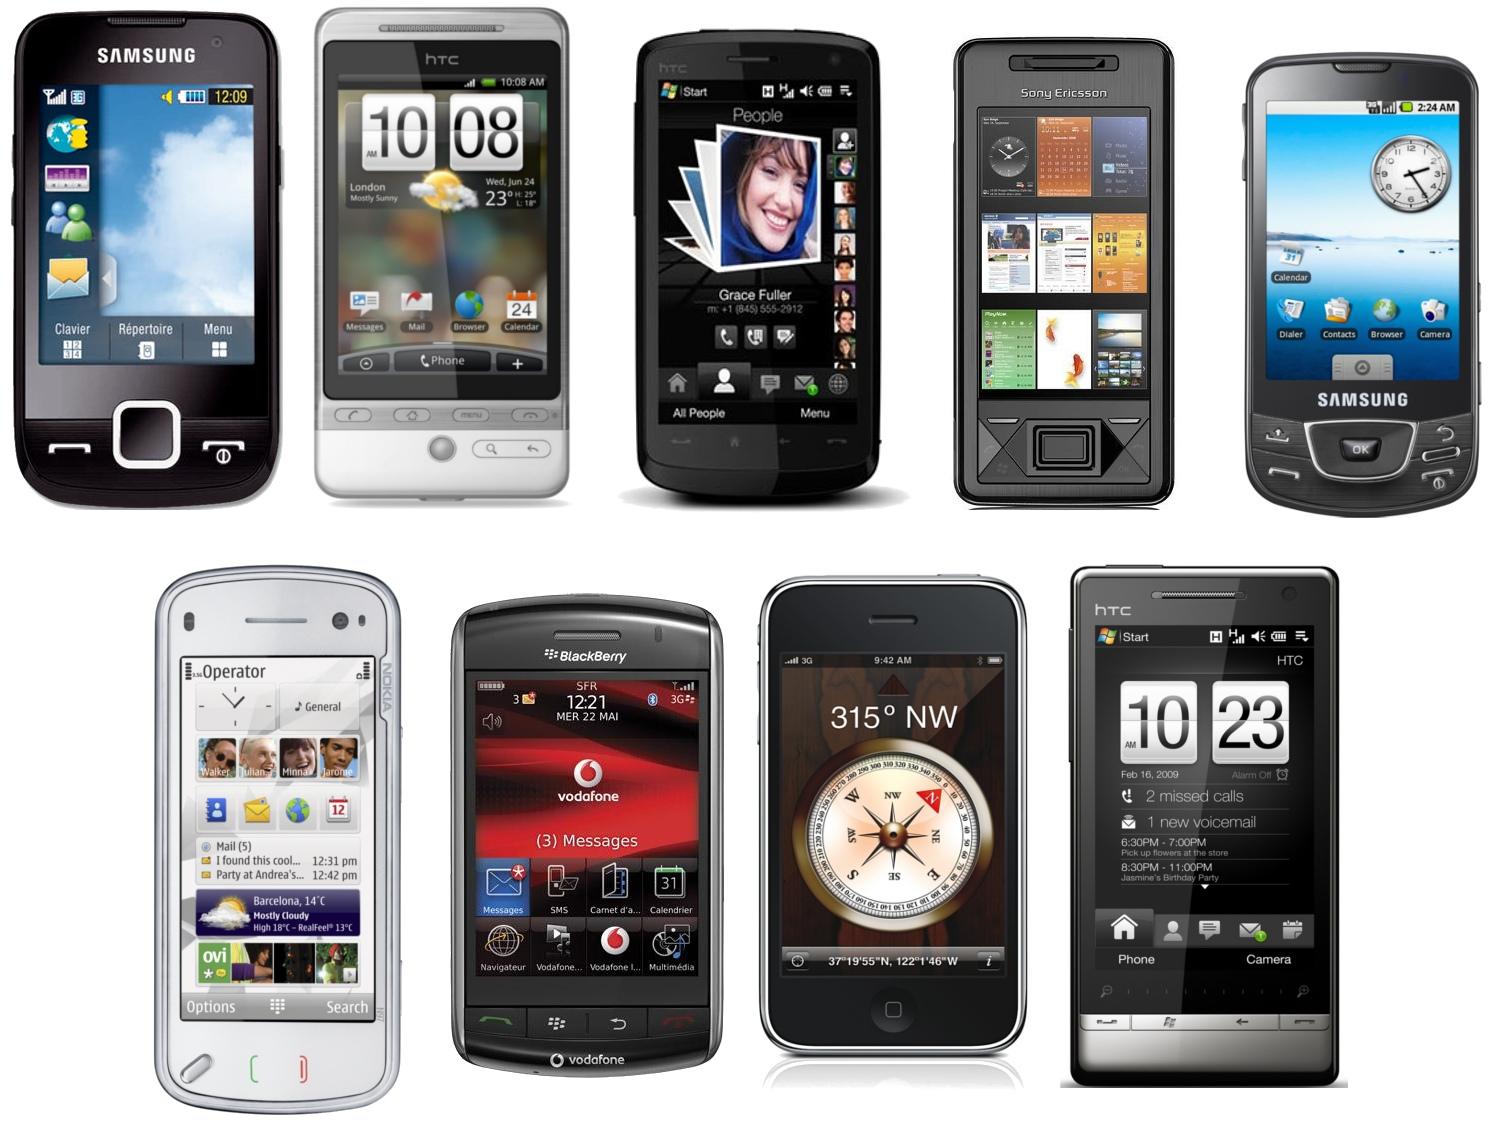 La portabilité du numéro désigne le privilège offert à un client possédant déjà un numéro de mobile de changer d'opérateur en gardant son numéro.